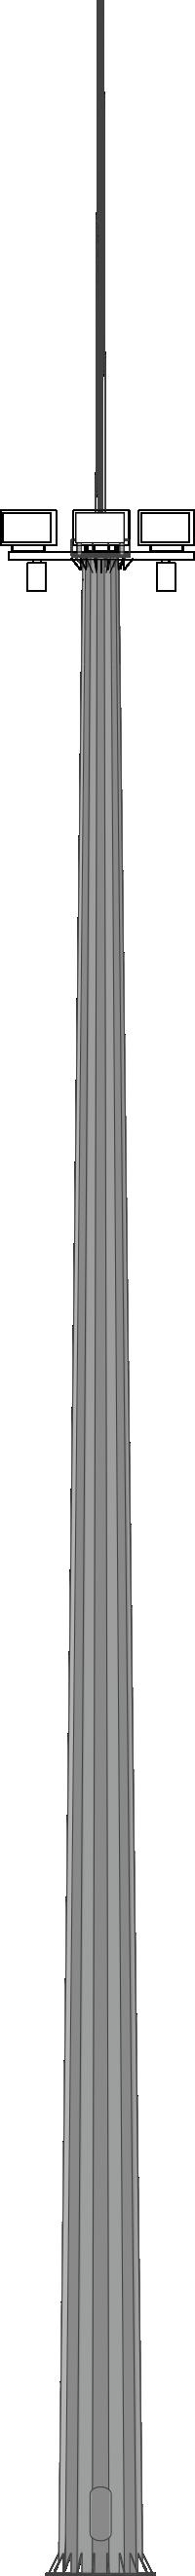 Молниеотводы на базе высокомачтовой опоры освещения с мобильной короной (ВГМ)